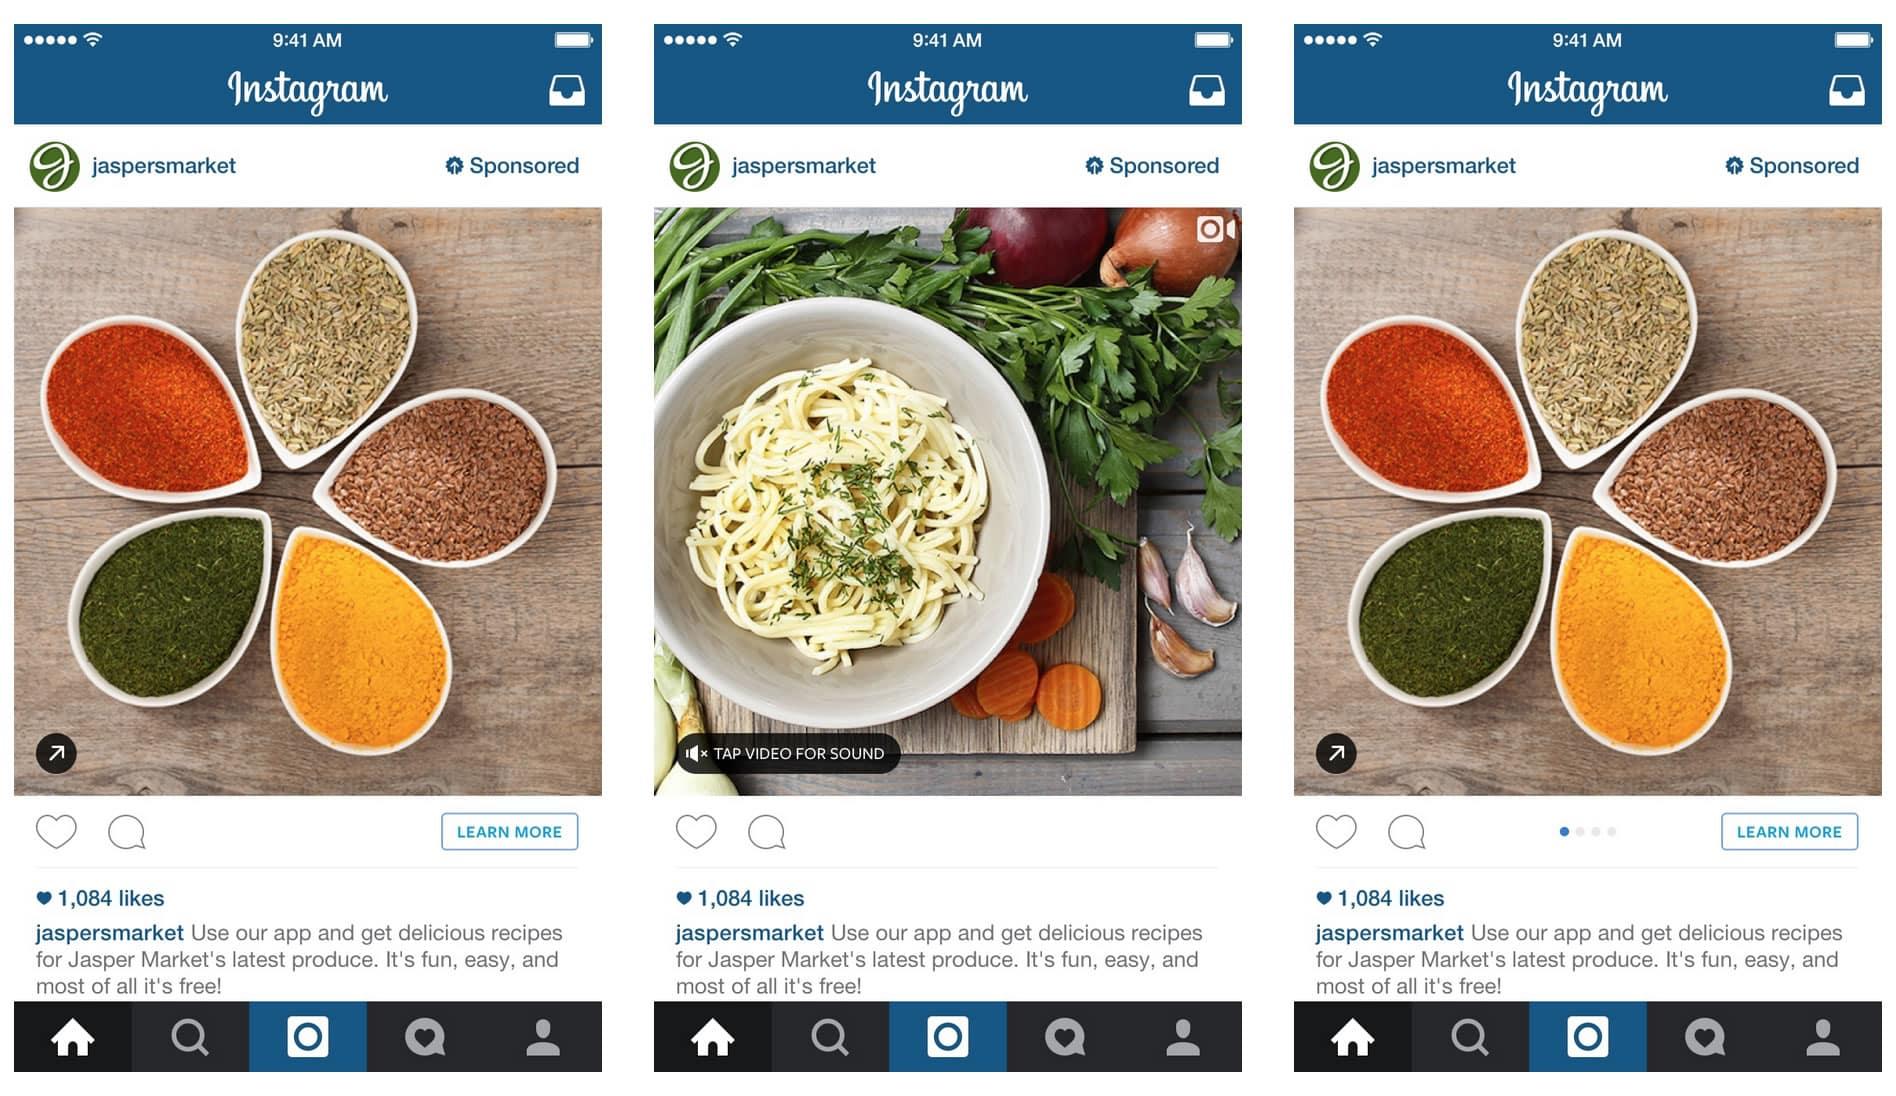 La publicidad en Instagram puede ser de una foto, video o carrusel de imágenes.